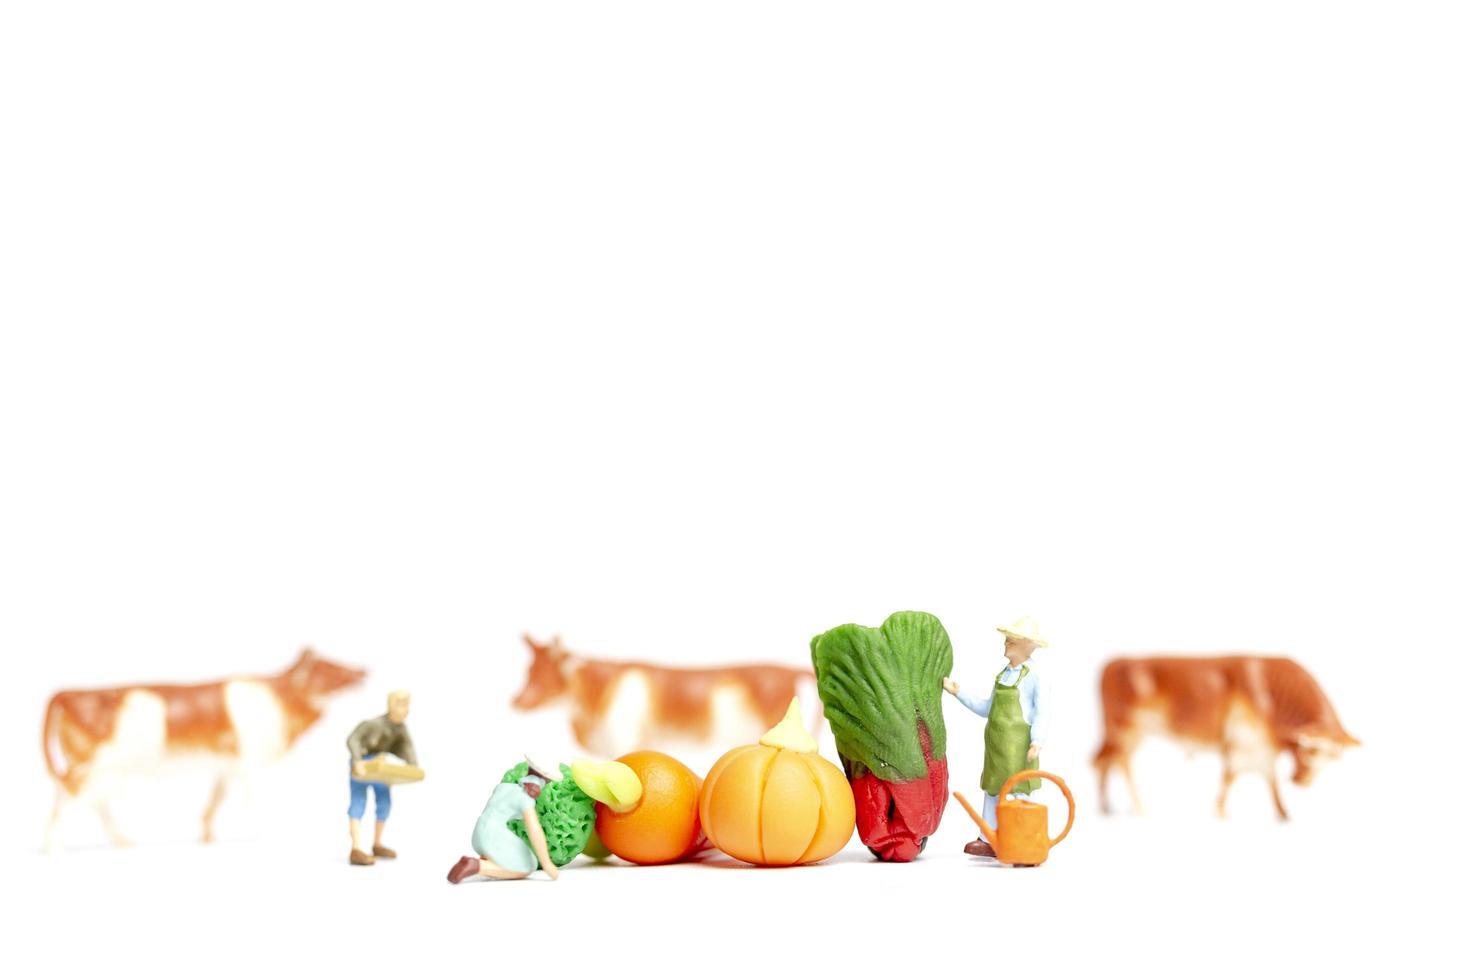 miniatyrträdgårdsmästare som skördar grönsaker på en vit bakgrund, jordbruksbegrepp foto